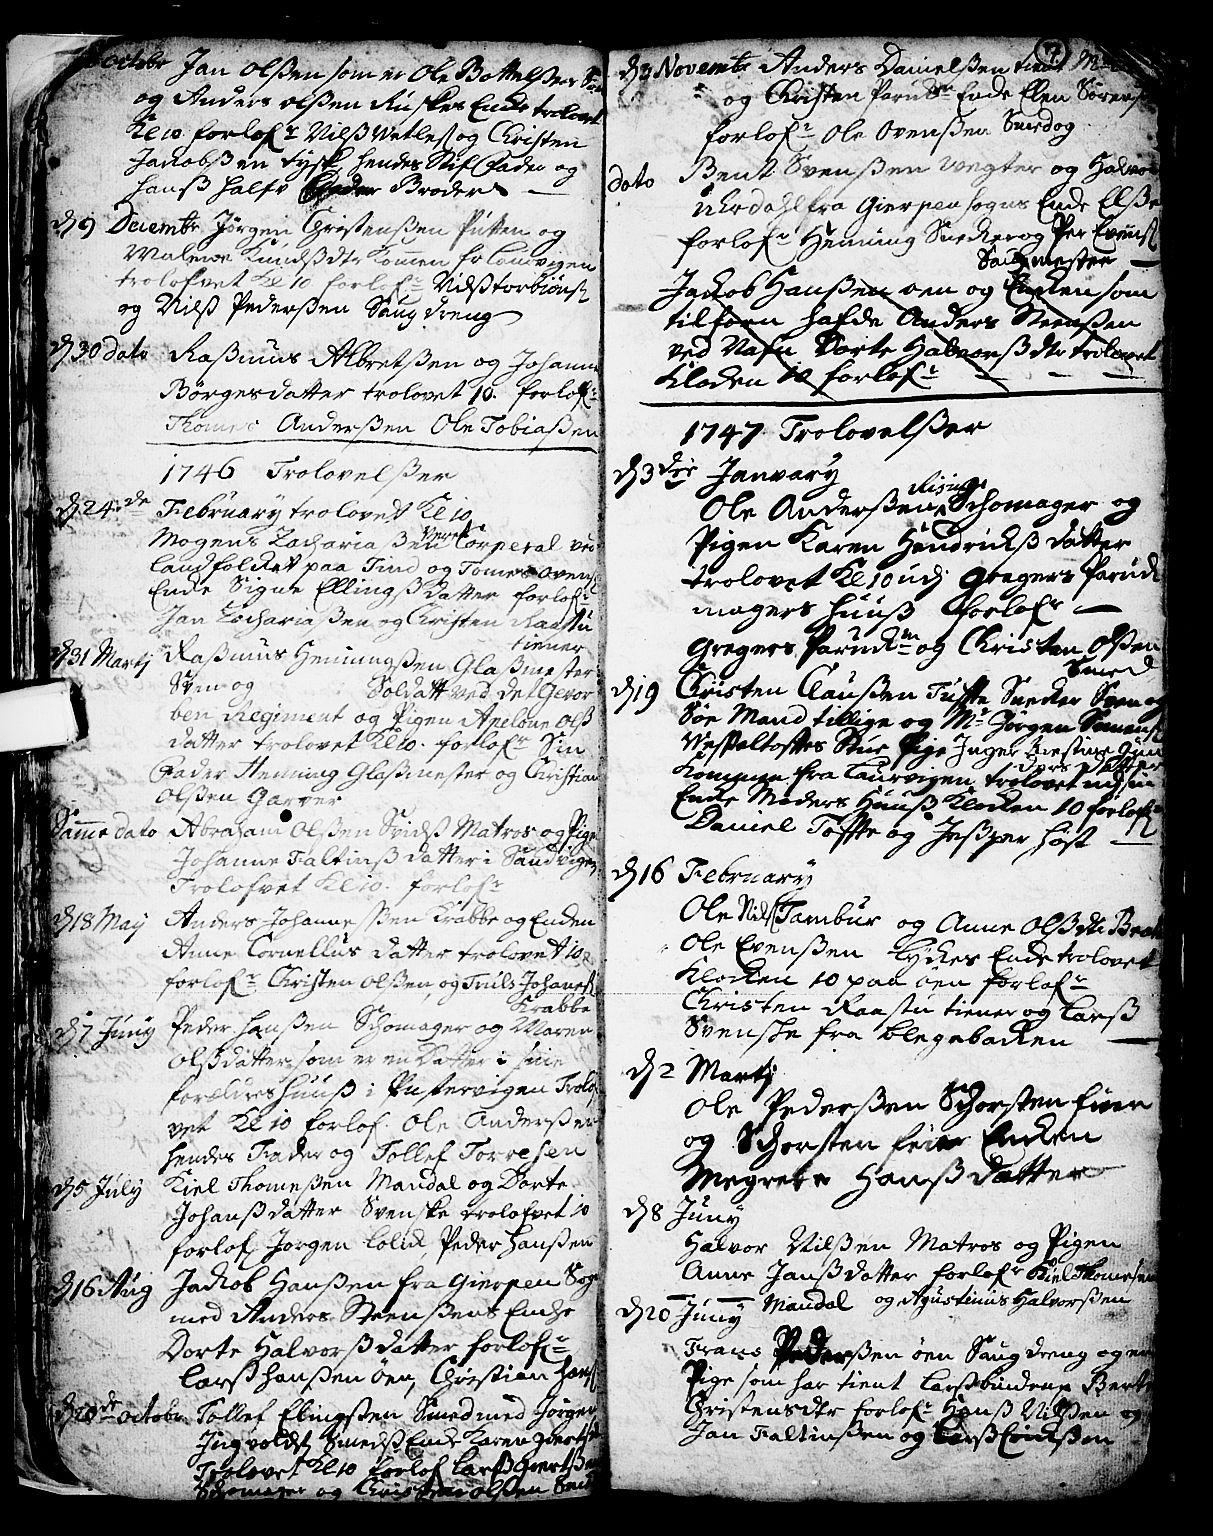 SAKO, Skien kirkebøker, F/Fa/L0002: Ministerialbok nr. 2, 1716-1757, s. 17